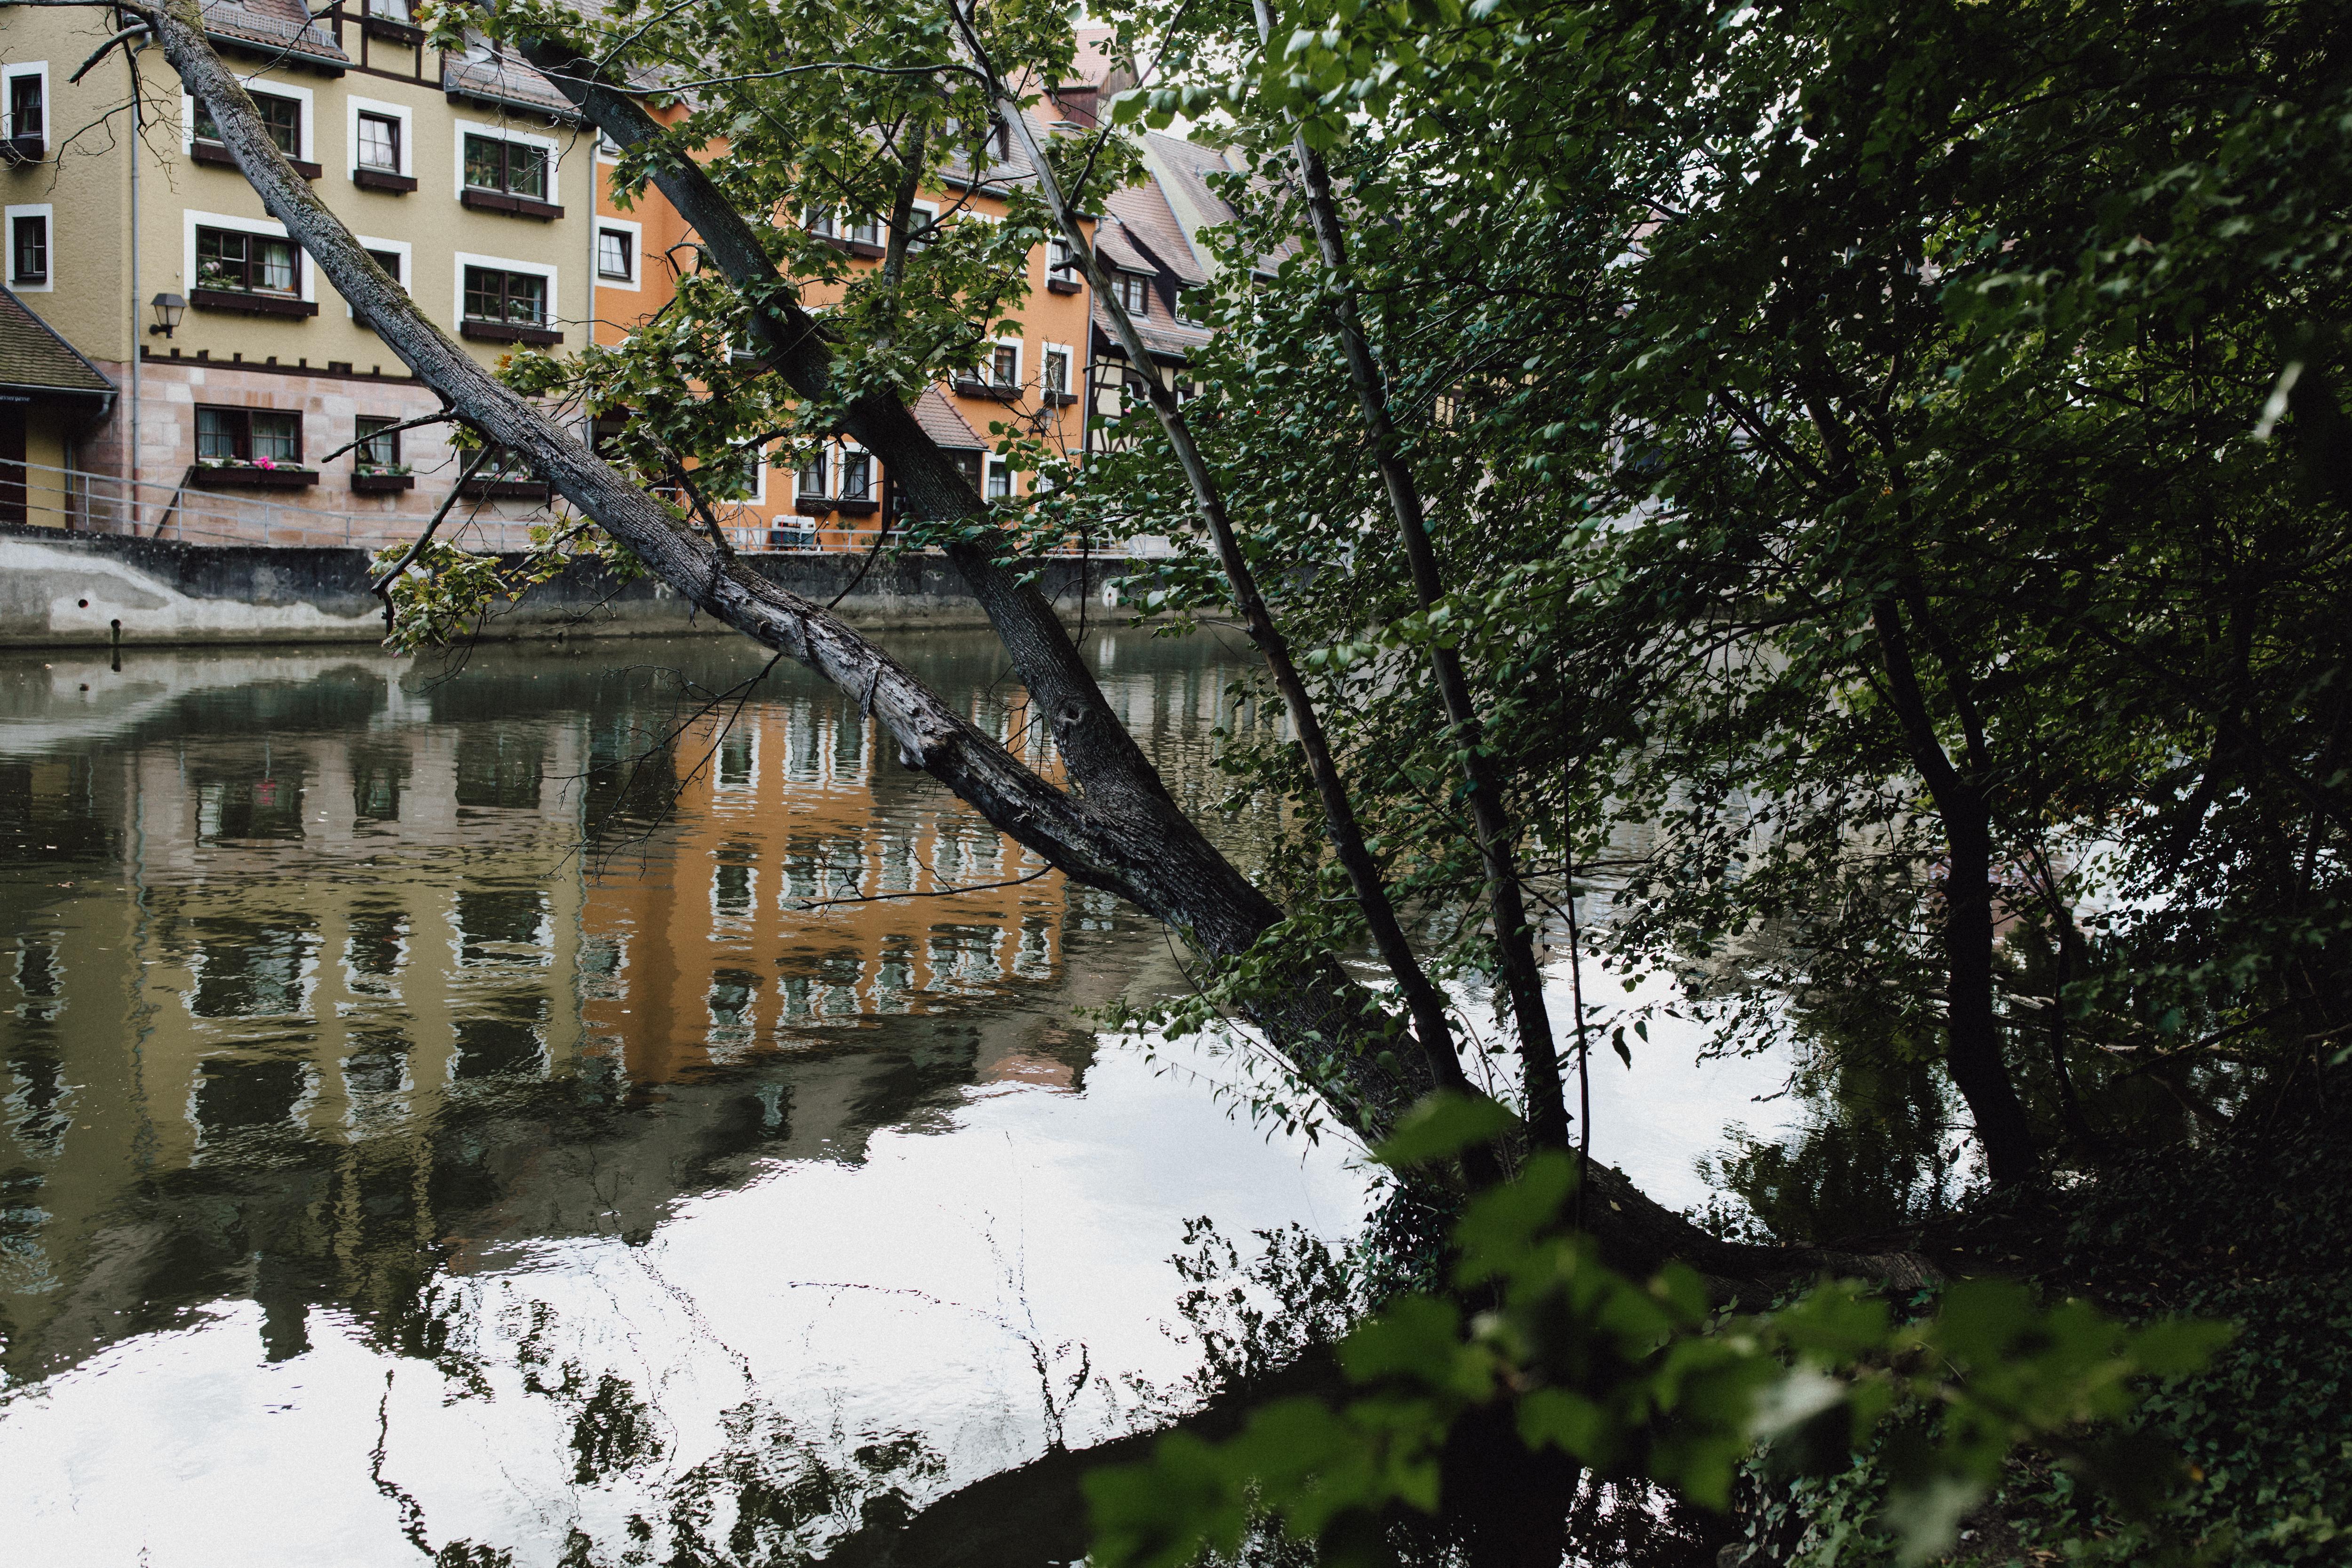 URBANERIE_Daniela_Goth_Fotografin_Nürnberg_Fürth_Erlangen_Schwabach_170906_001_0005